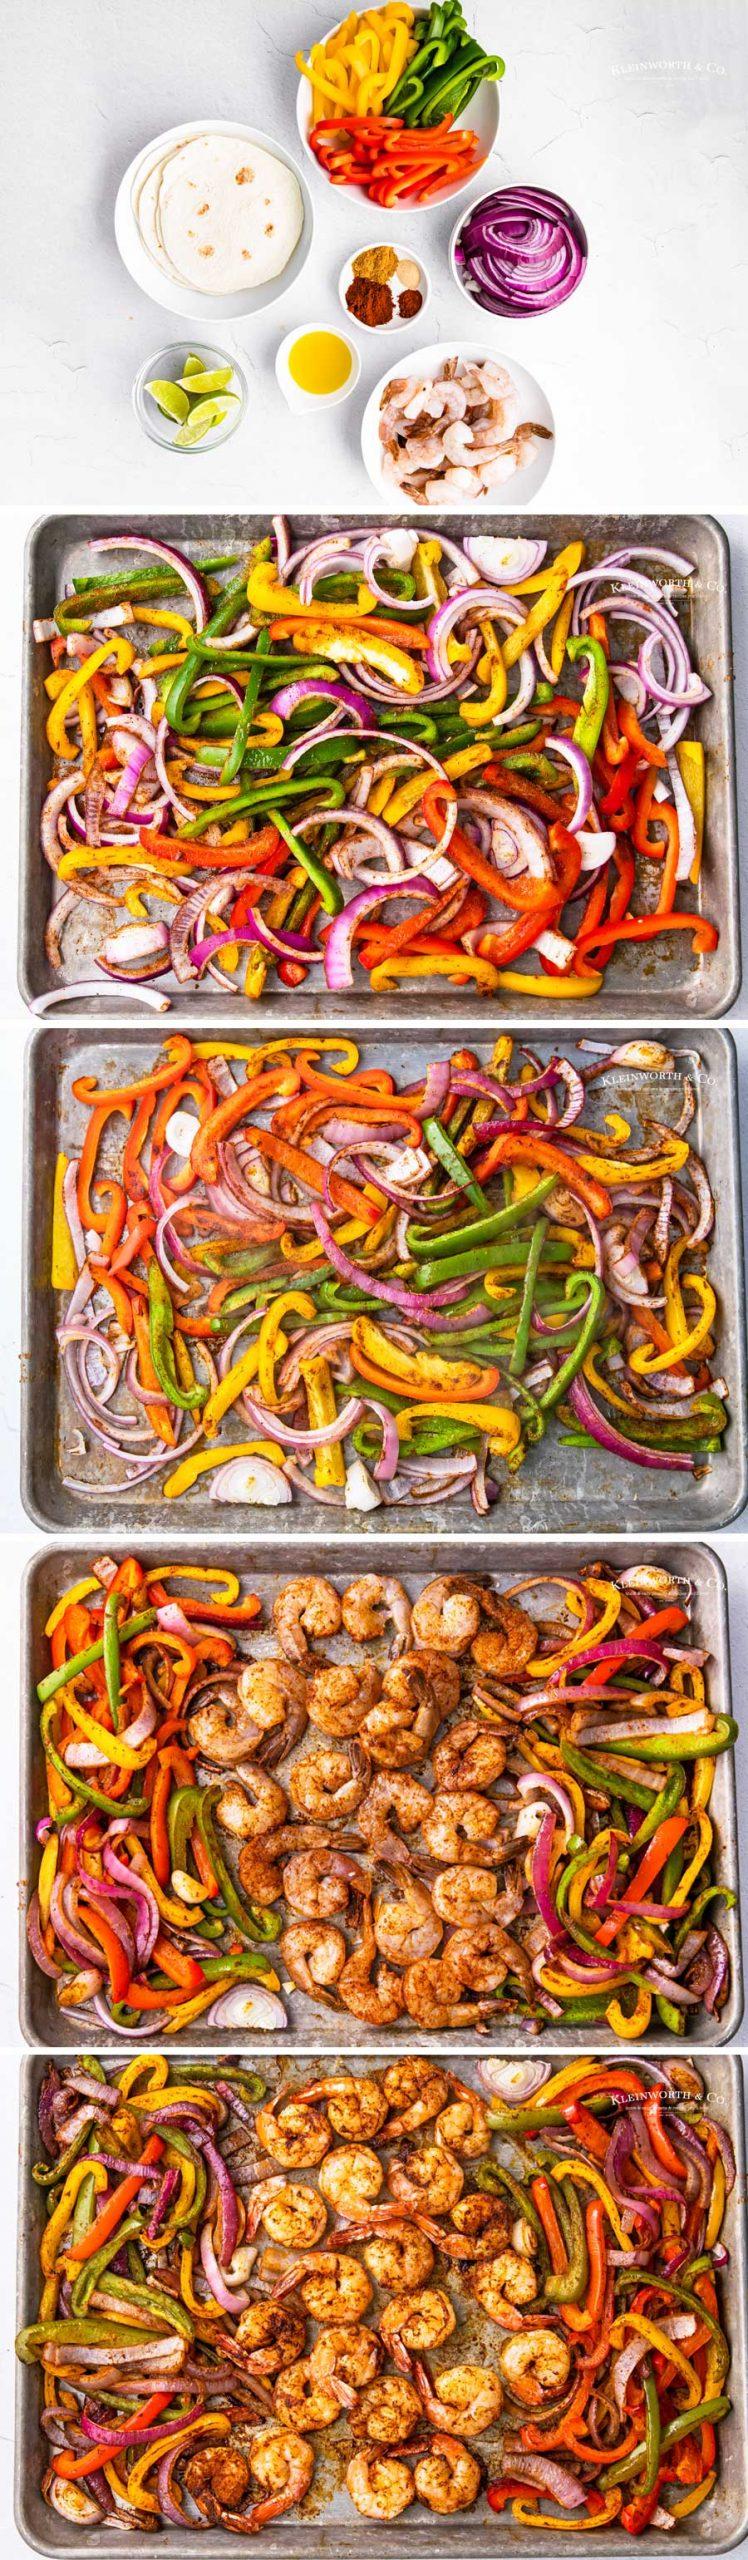 how to make Sheet Pan Shrimp Fajitas